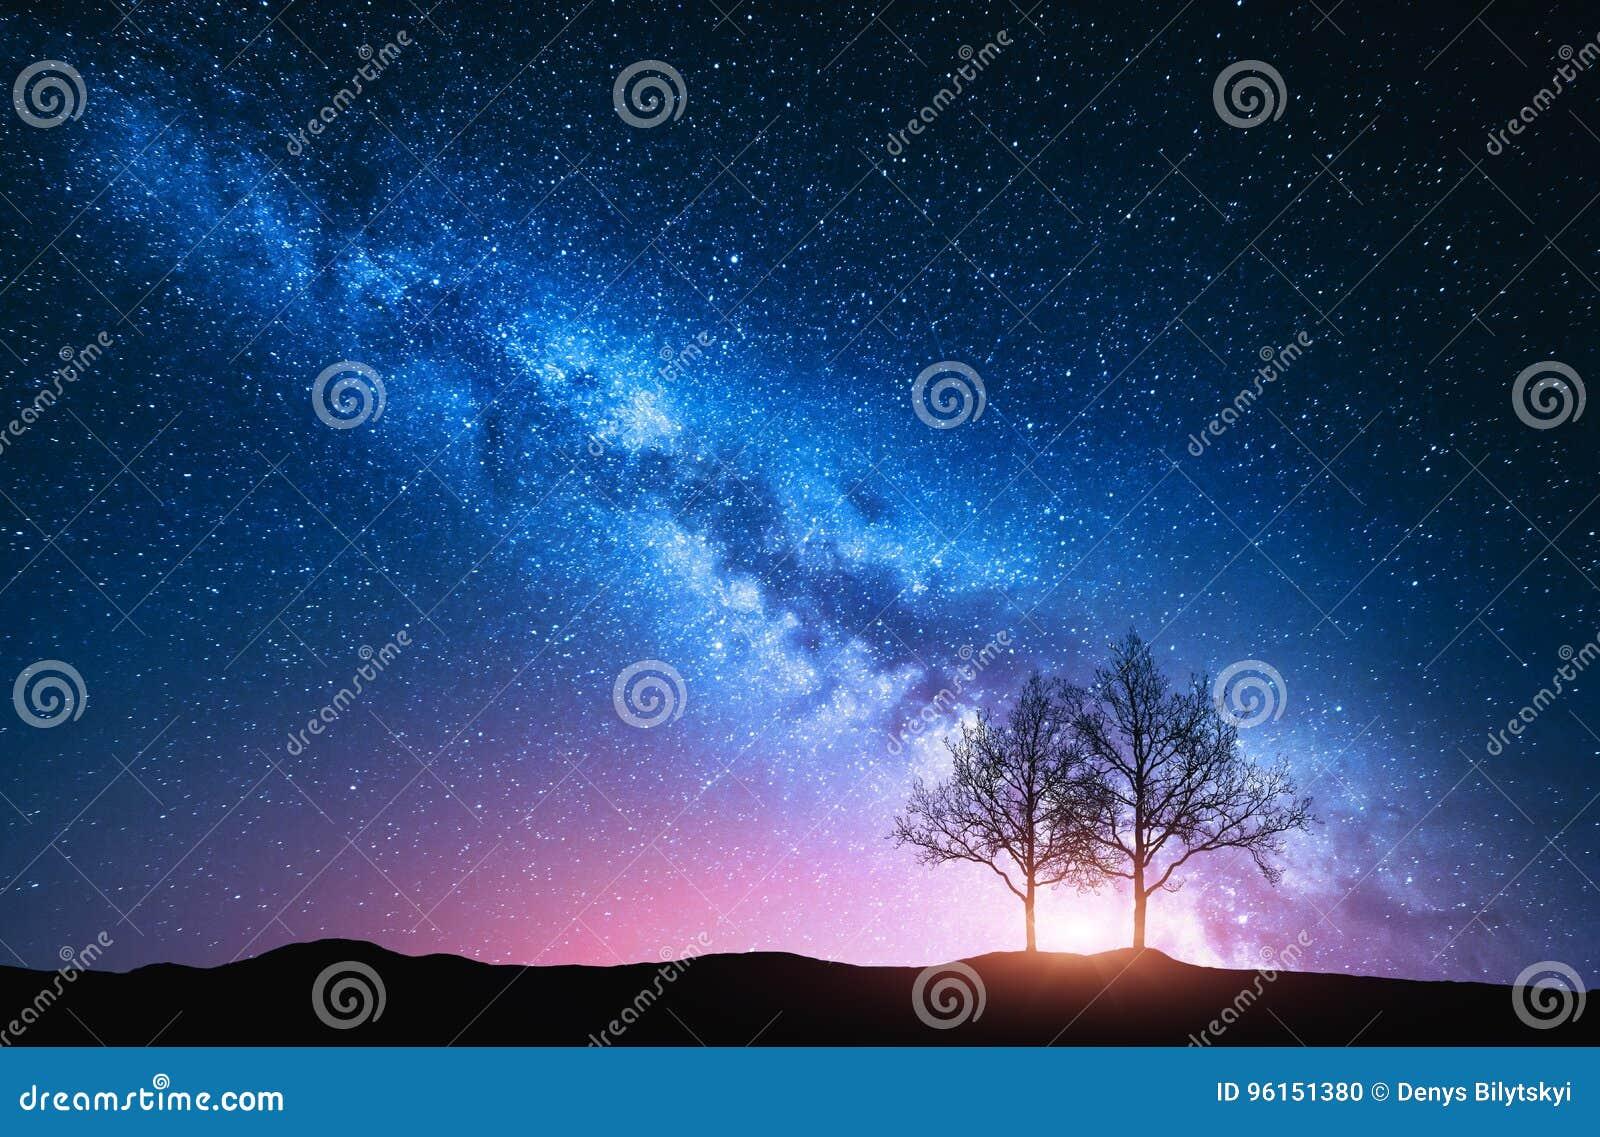 Blue Dream Cielo Stellato Costo.Cielo Stellato Con La Via Lattea E Gli Alberi Rosa Fotografia Stock